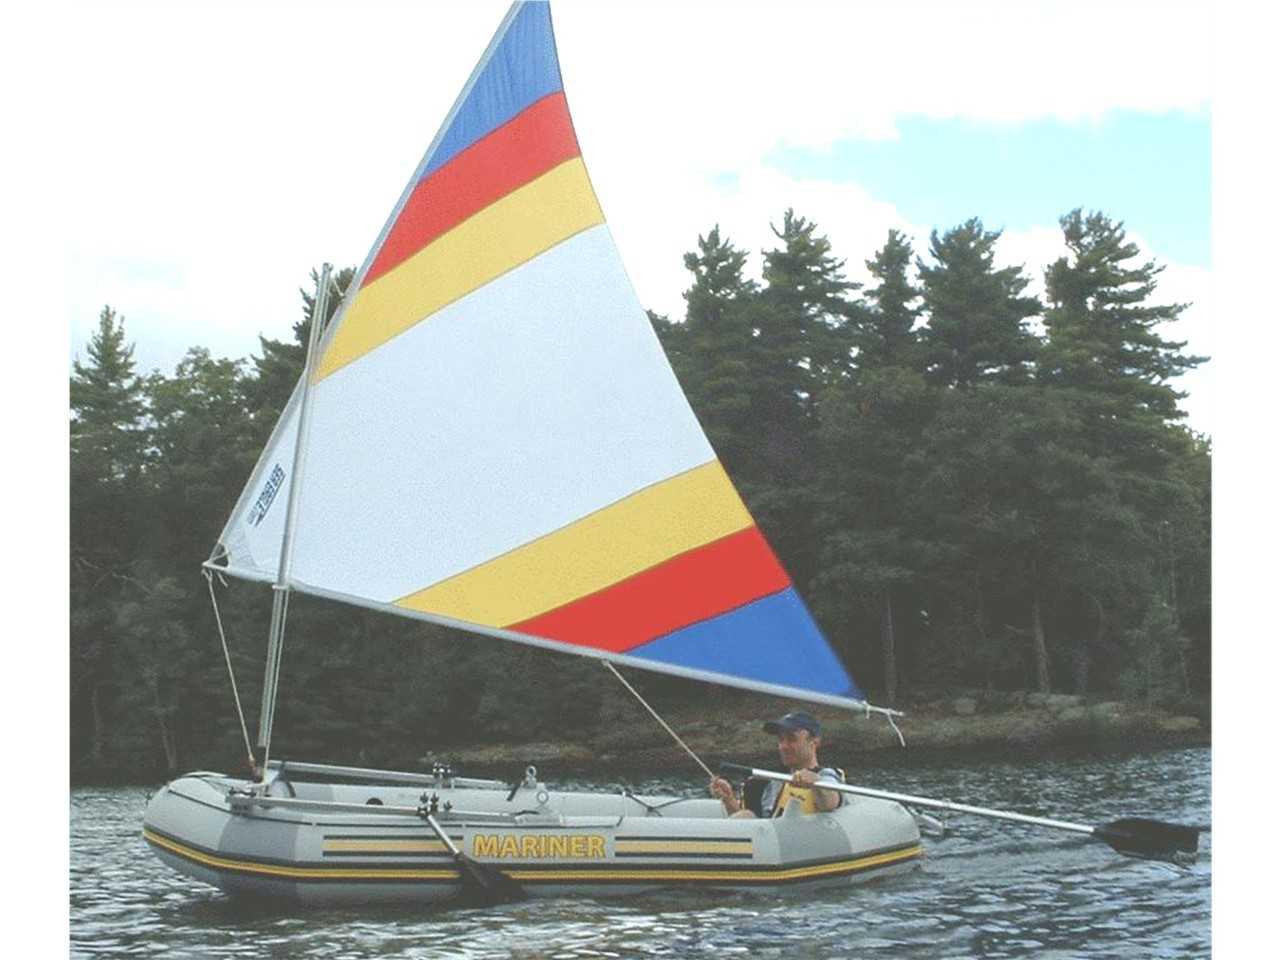 Sailboats To Go 187 Intex Mariner Inflatable Boat With Sail